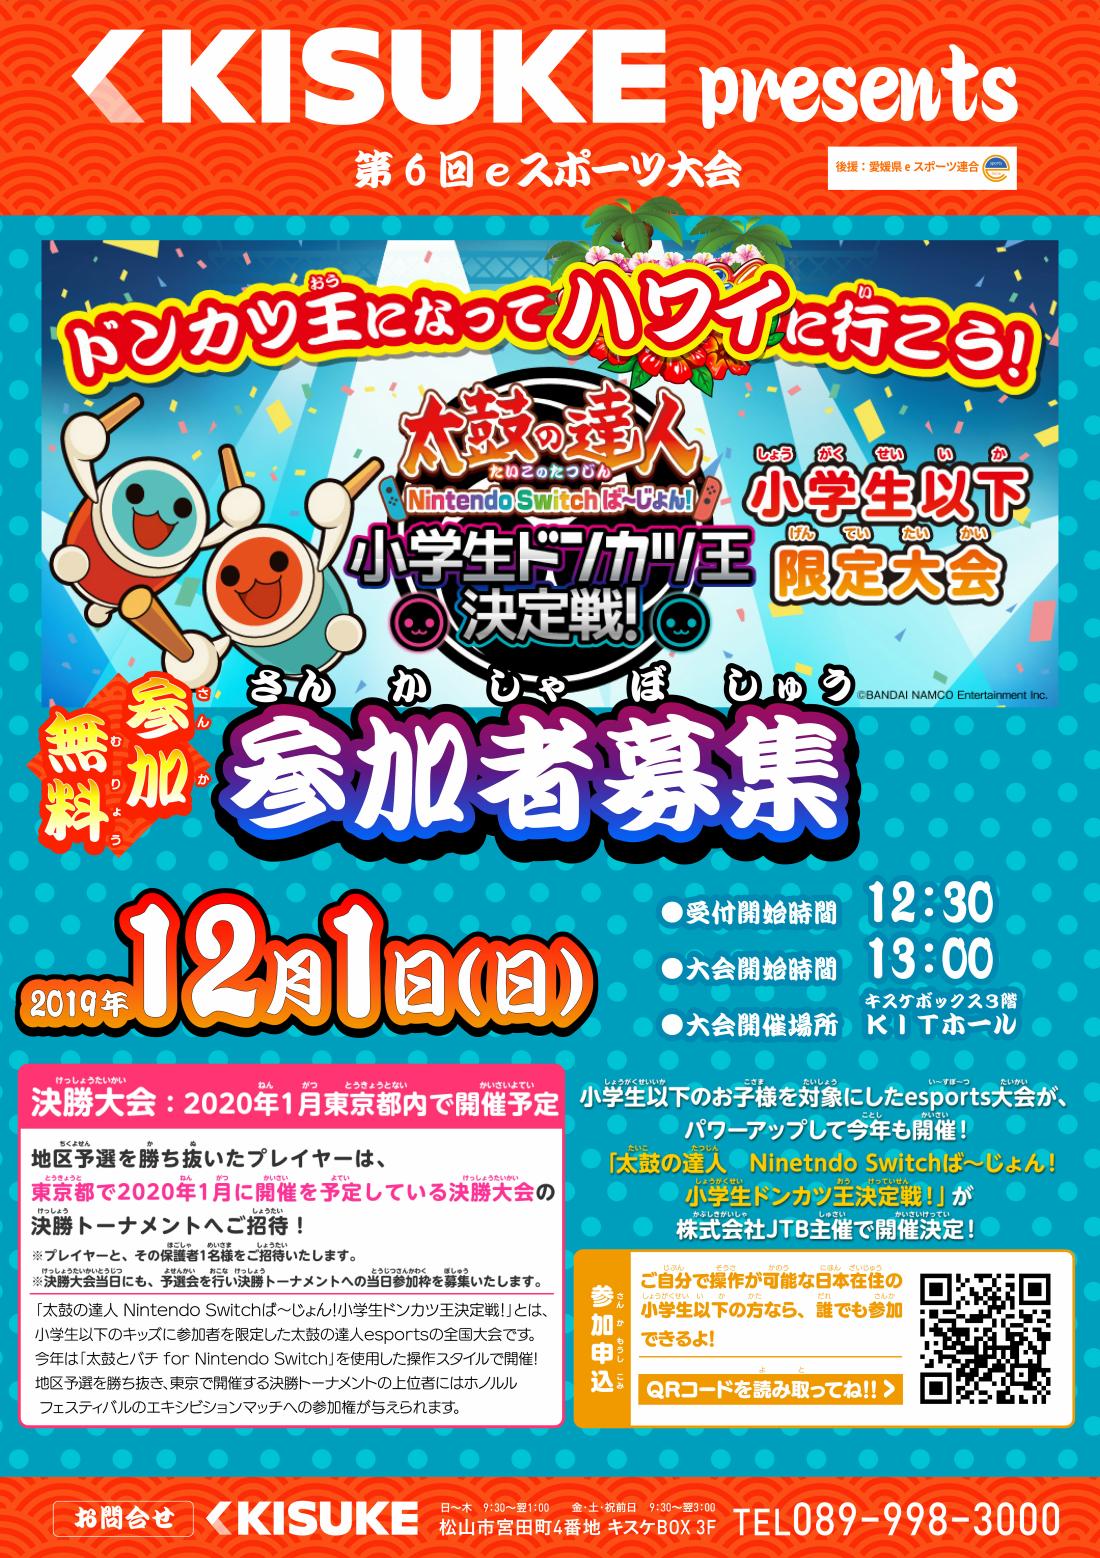 【12月1日(日)開催】太鼓の達人 Nintendo Switch ば~じょん! 小学生ドンカツ王決定戦!